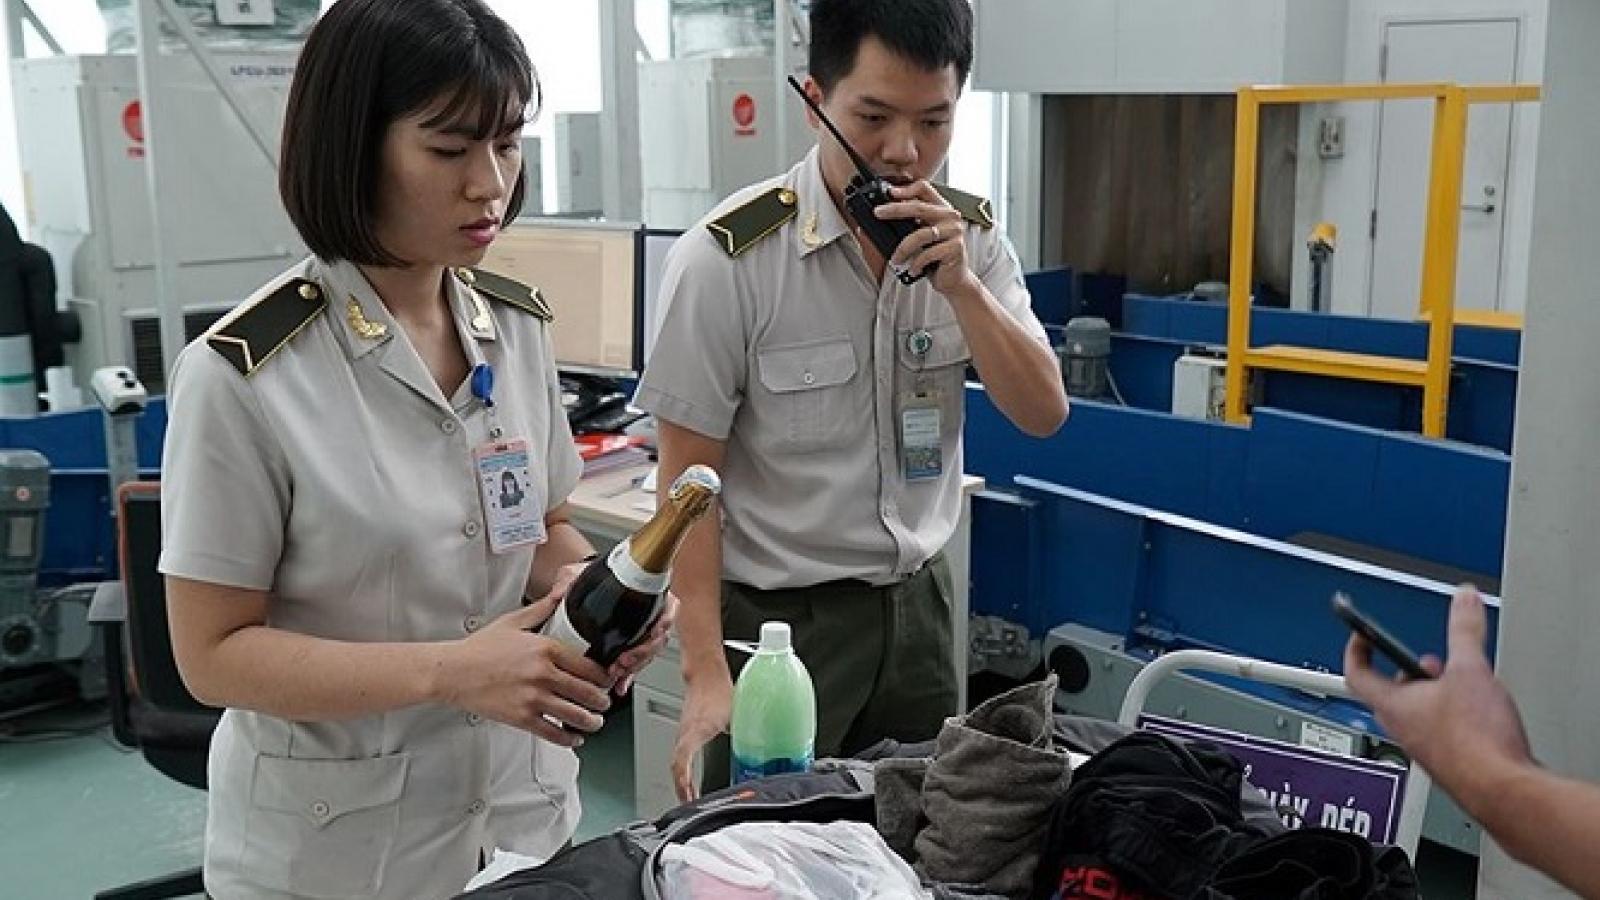 Kiểm soát chặt tổ bay, nhân viên hàng không để ngăn chặn buôn lậu